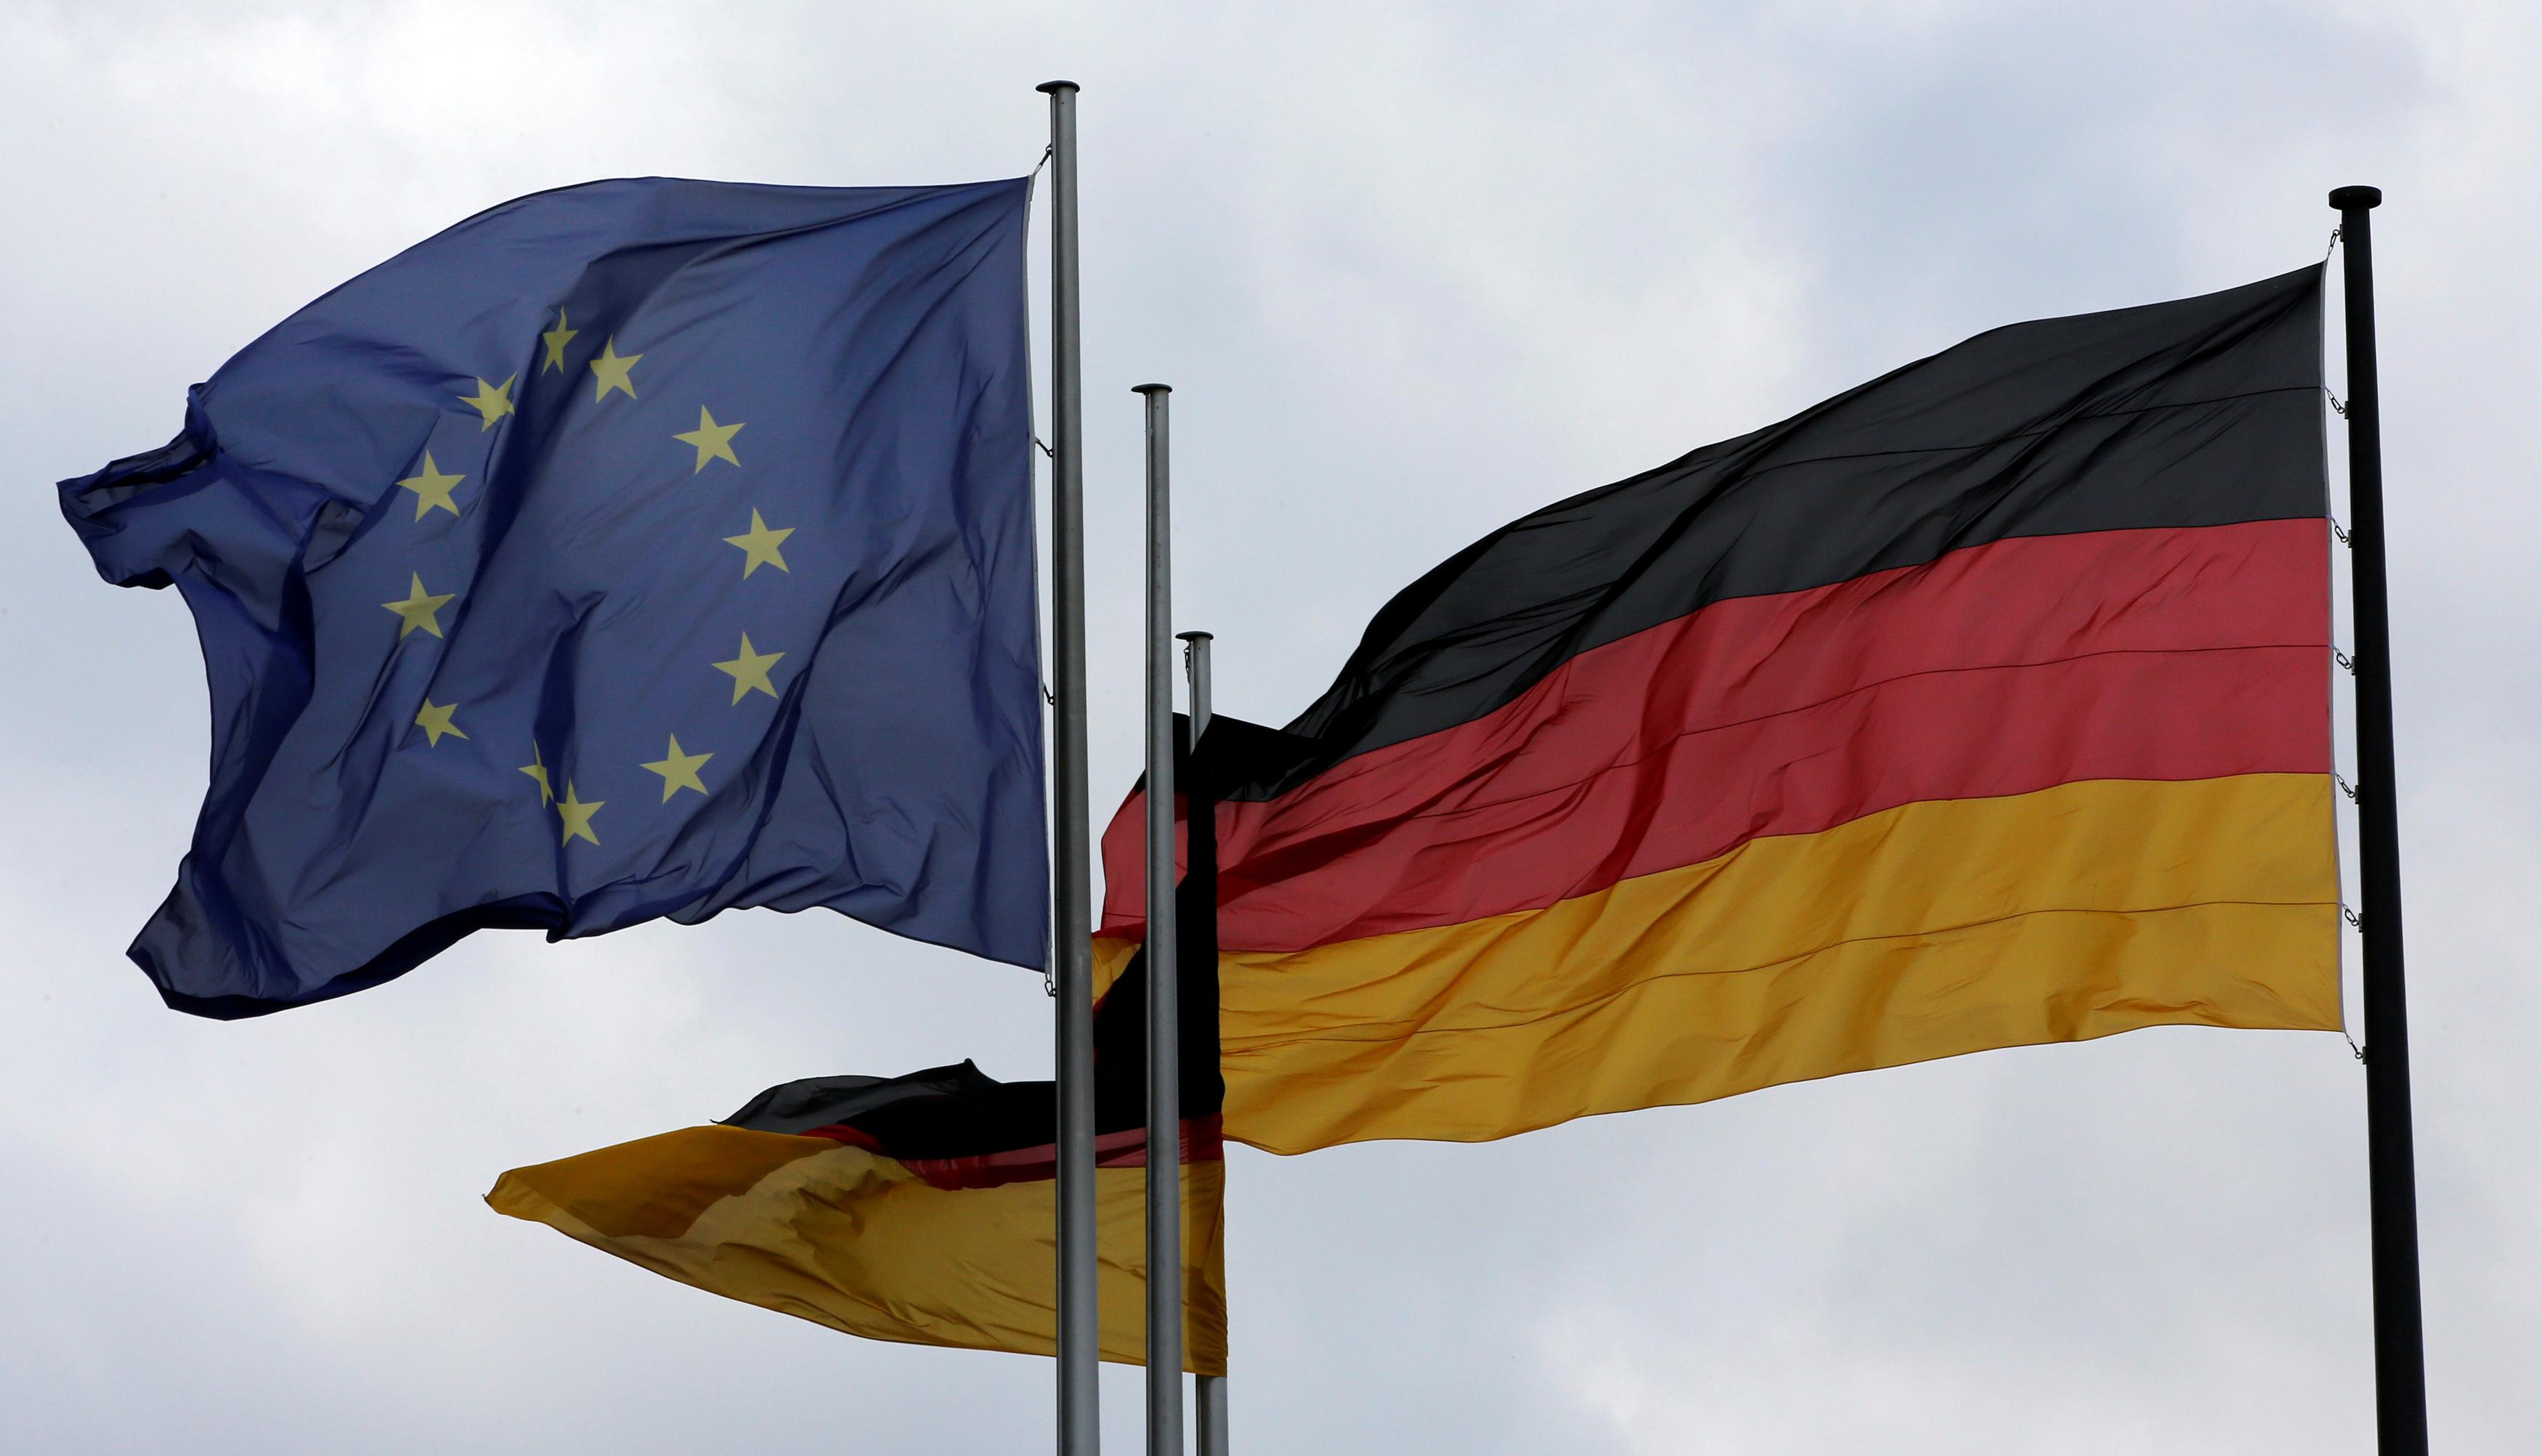 Défense européenne : l'Allemagne veut garder l'Europe sous le parapluie de l'OTAN